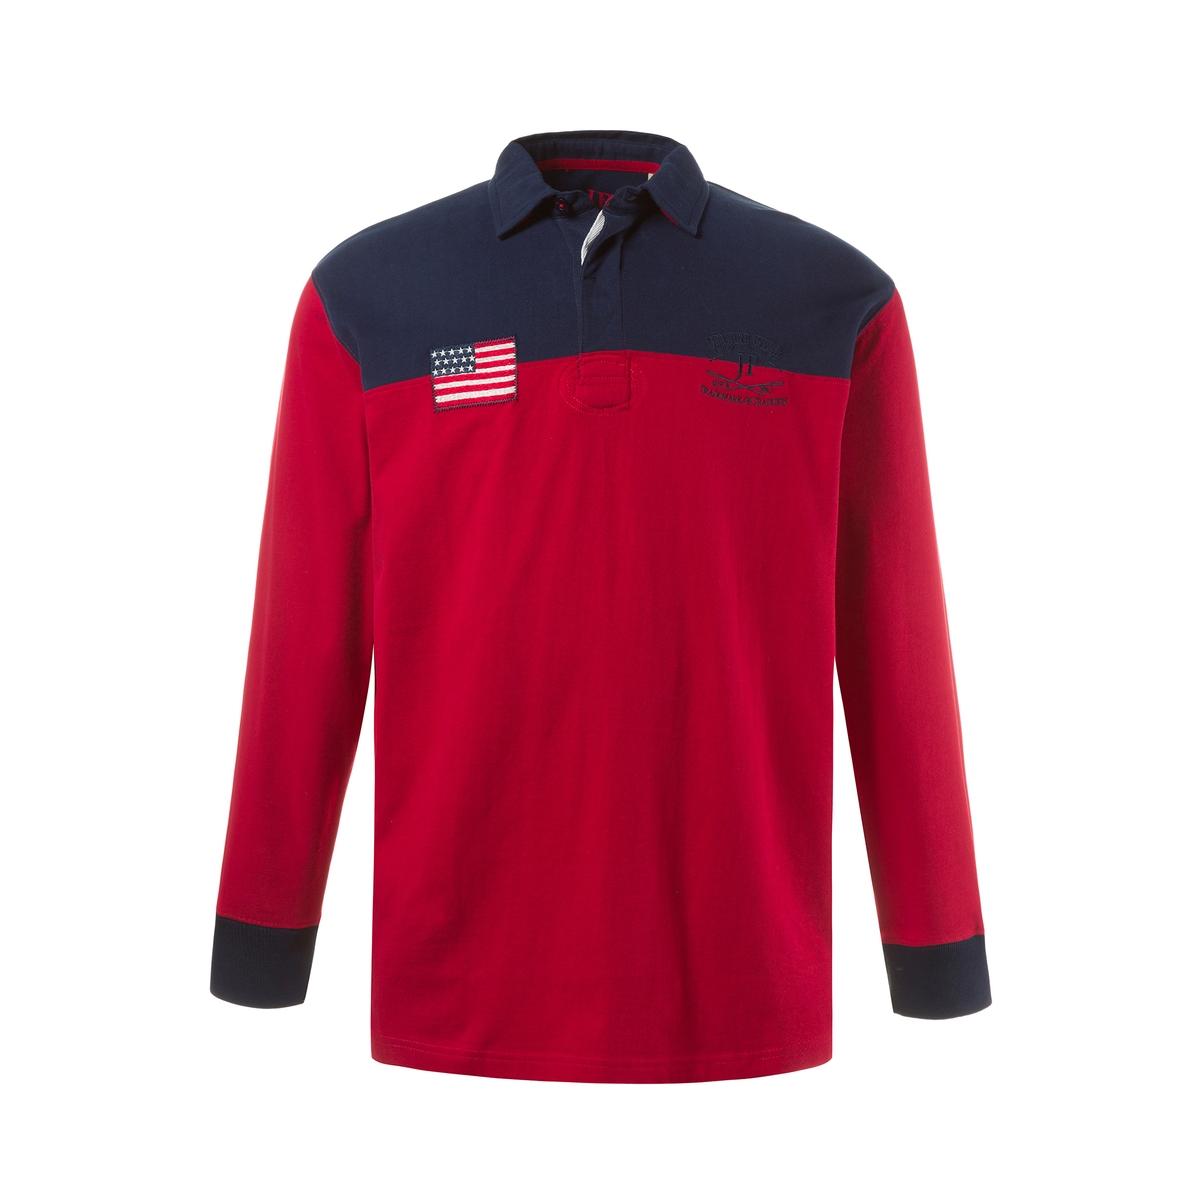 Футболка-поло с длинными рукавами футболка с длинными рукавами футболка с длинными рукавами футболка с длинными рукавами футболка с длинными рукавами футболка с дли